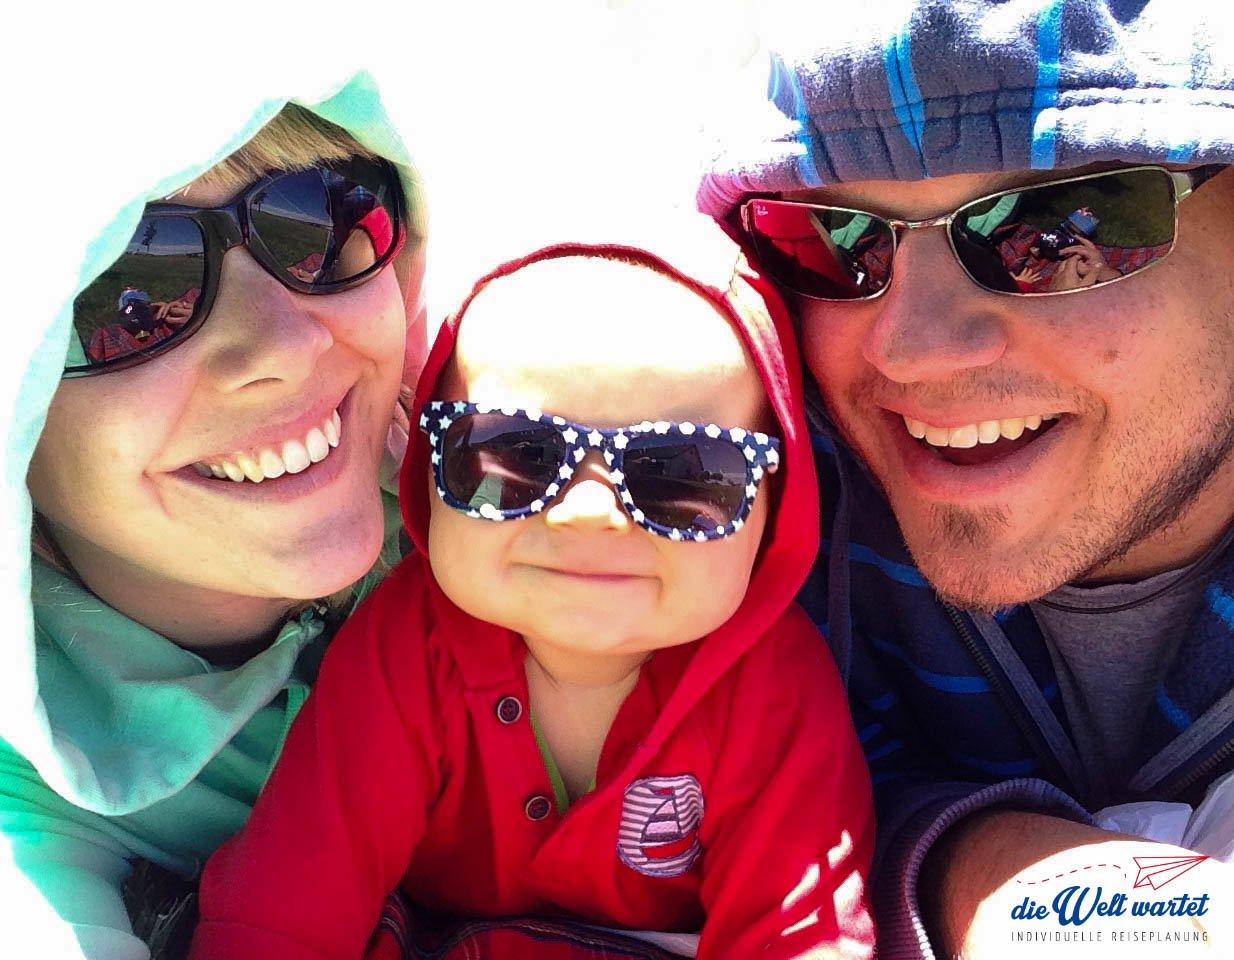 Die Welt wartet Elternzeitreisen